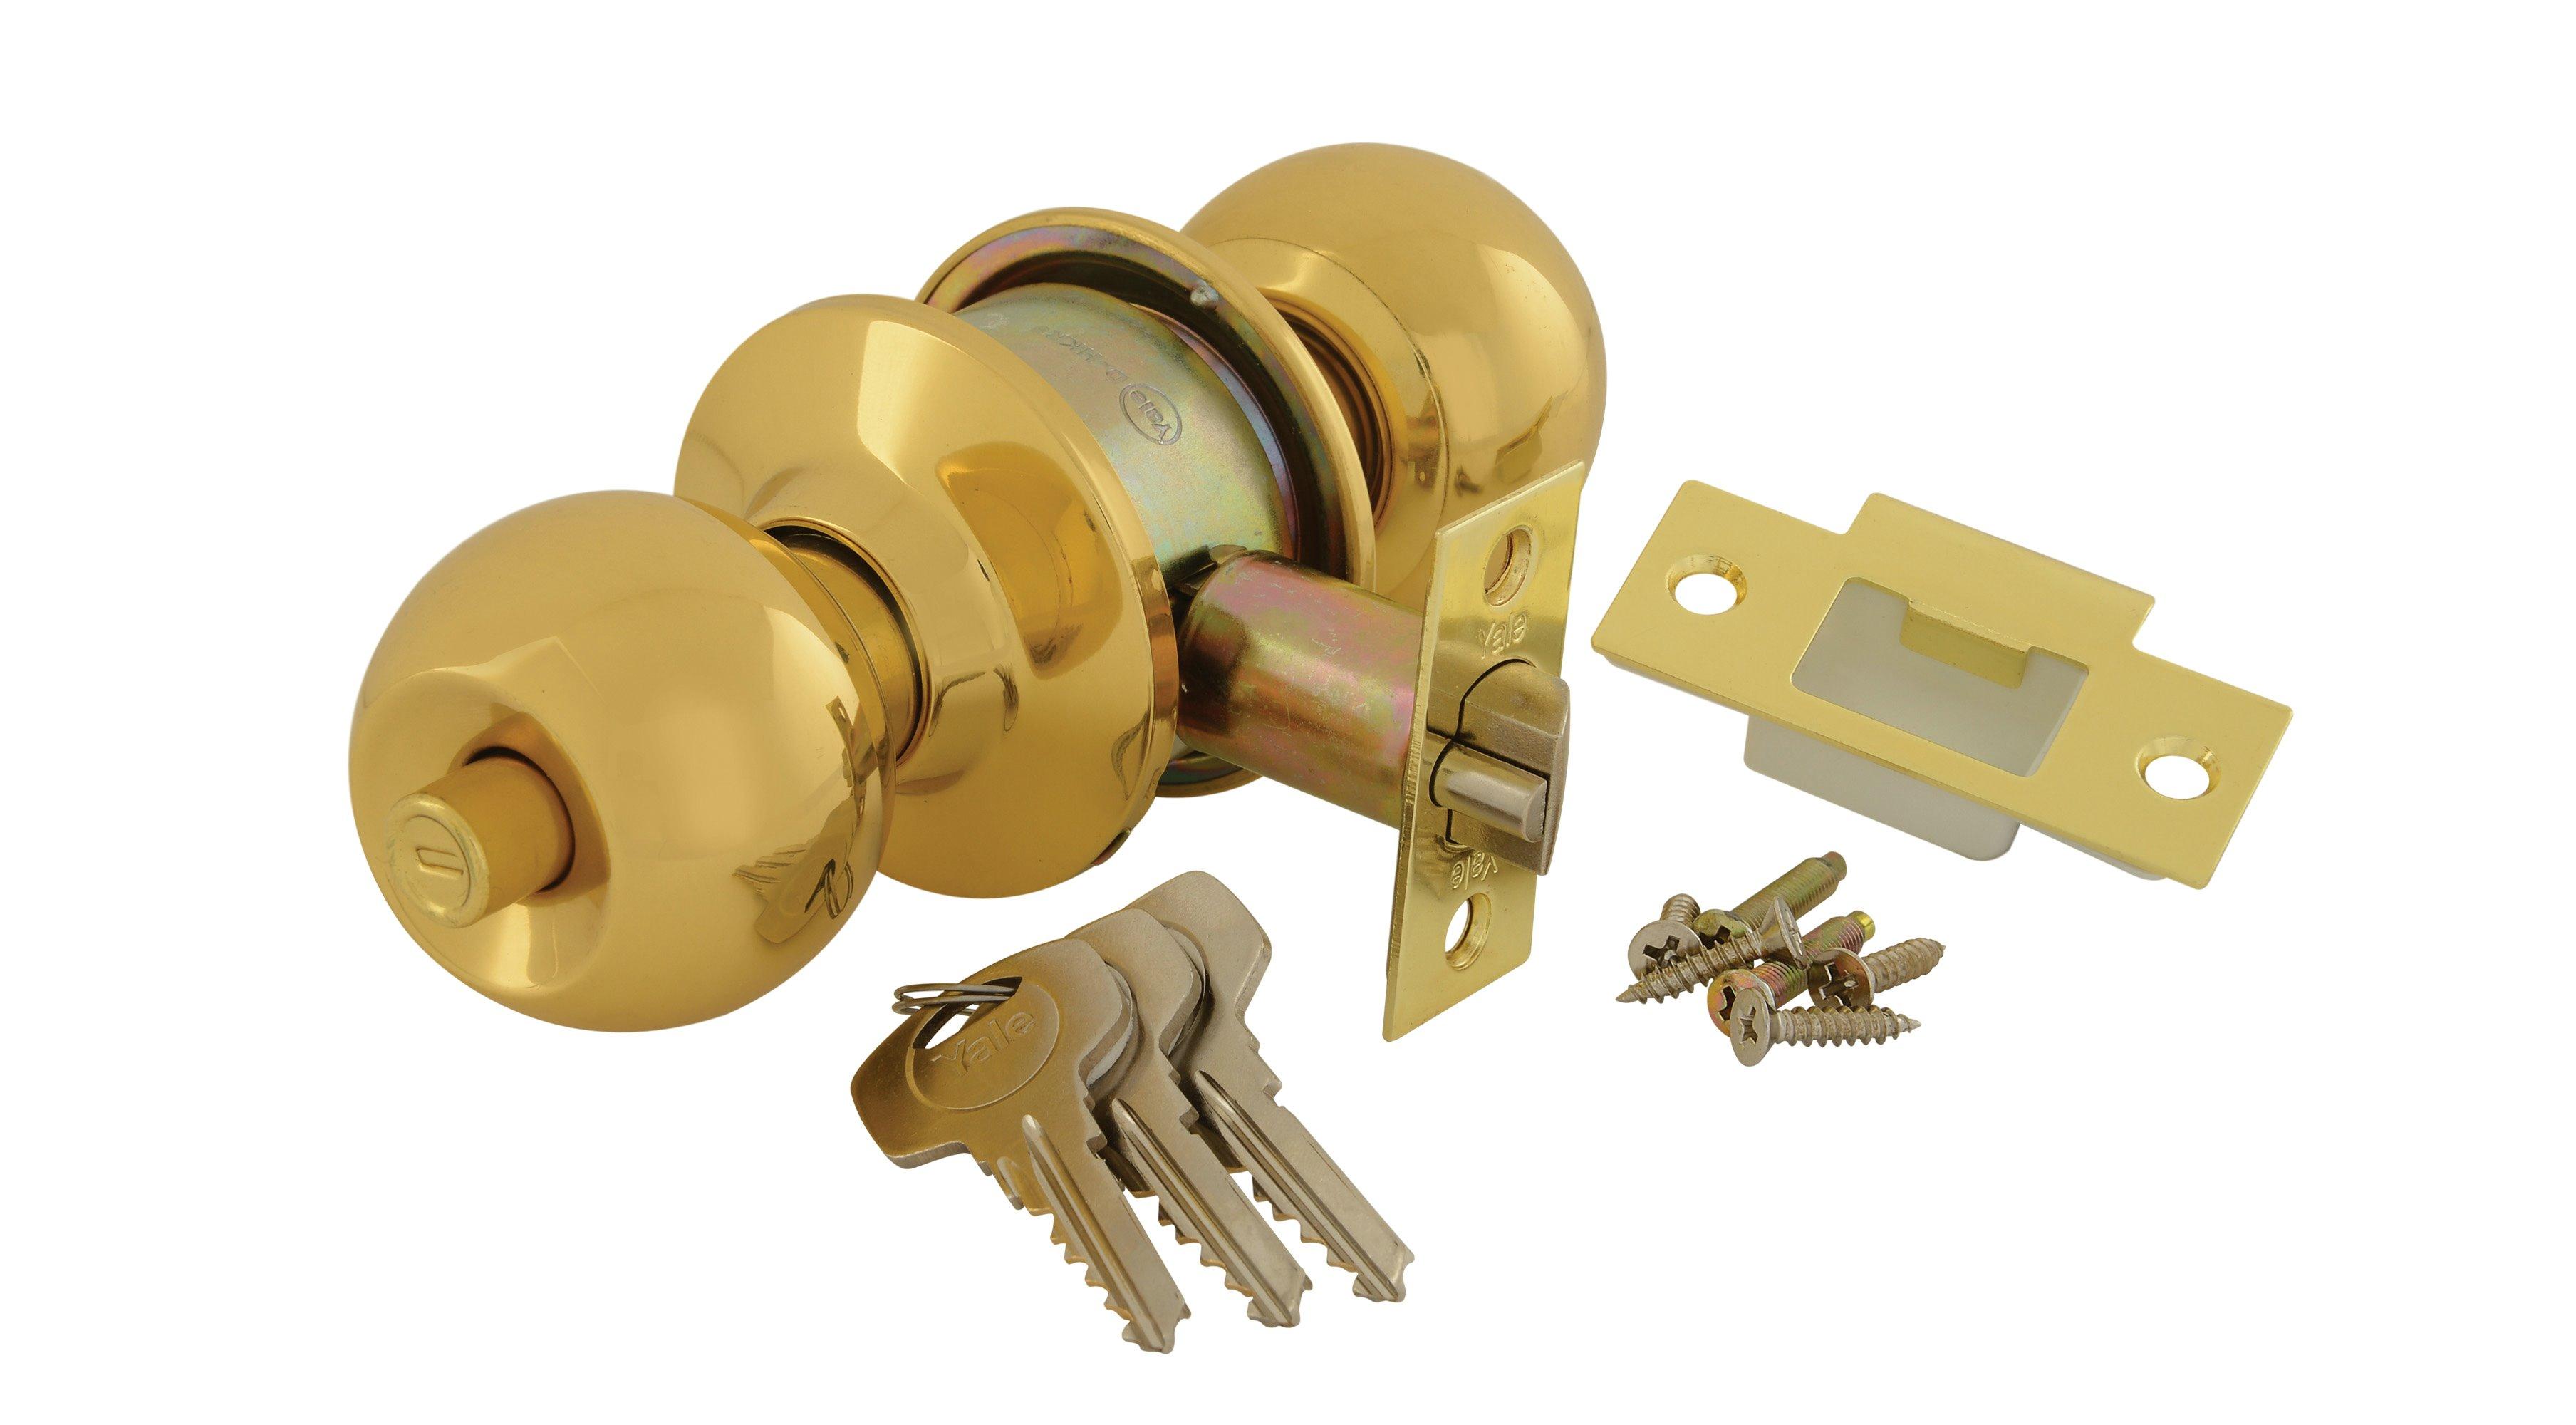 Round Cylindrical Knobset - Polished Brass